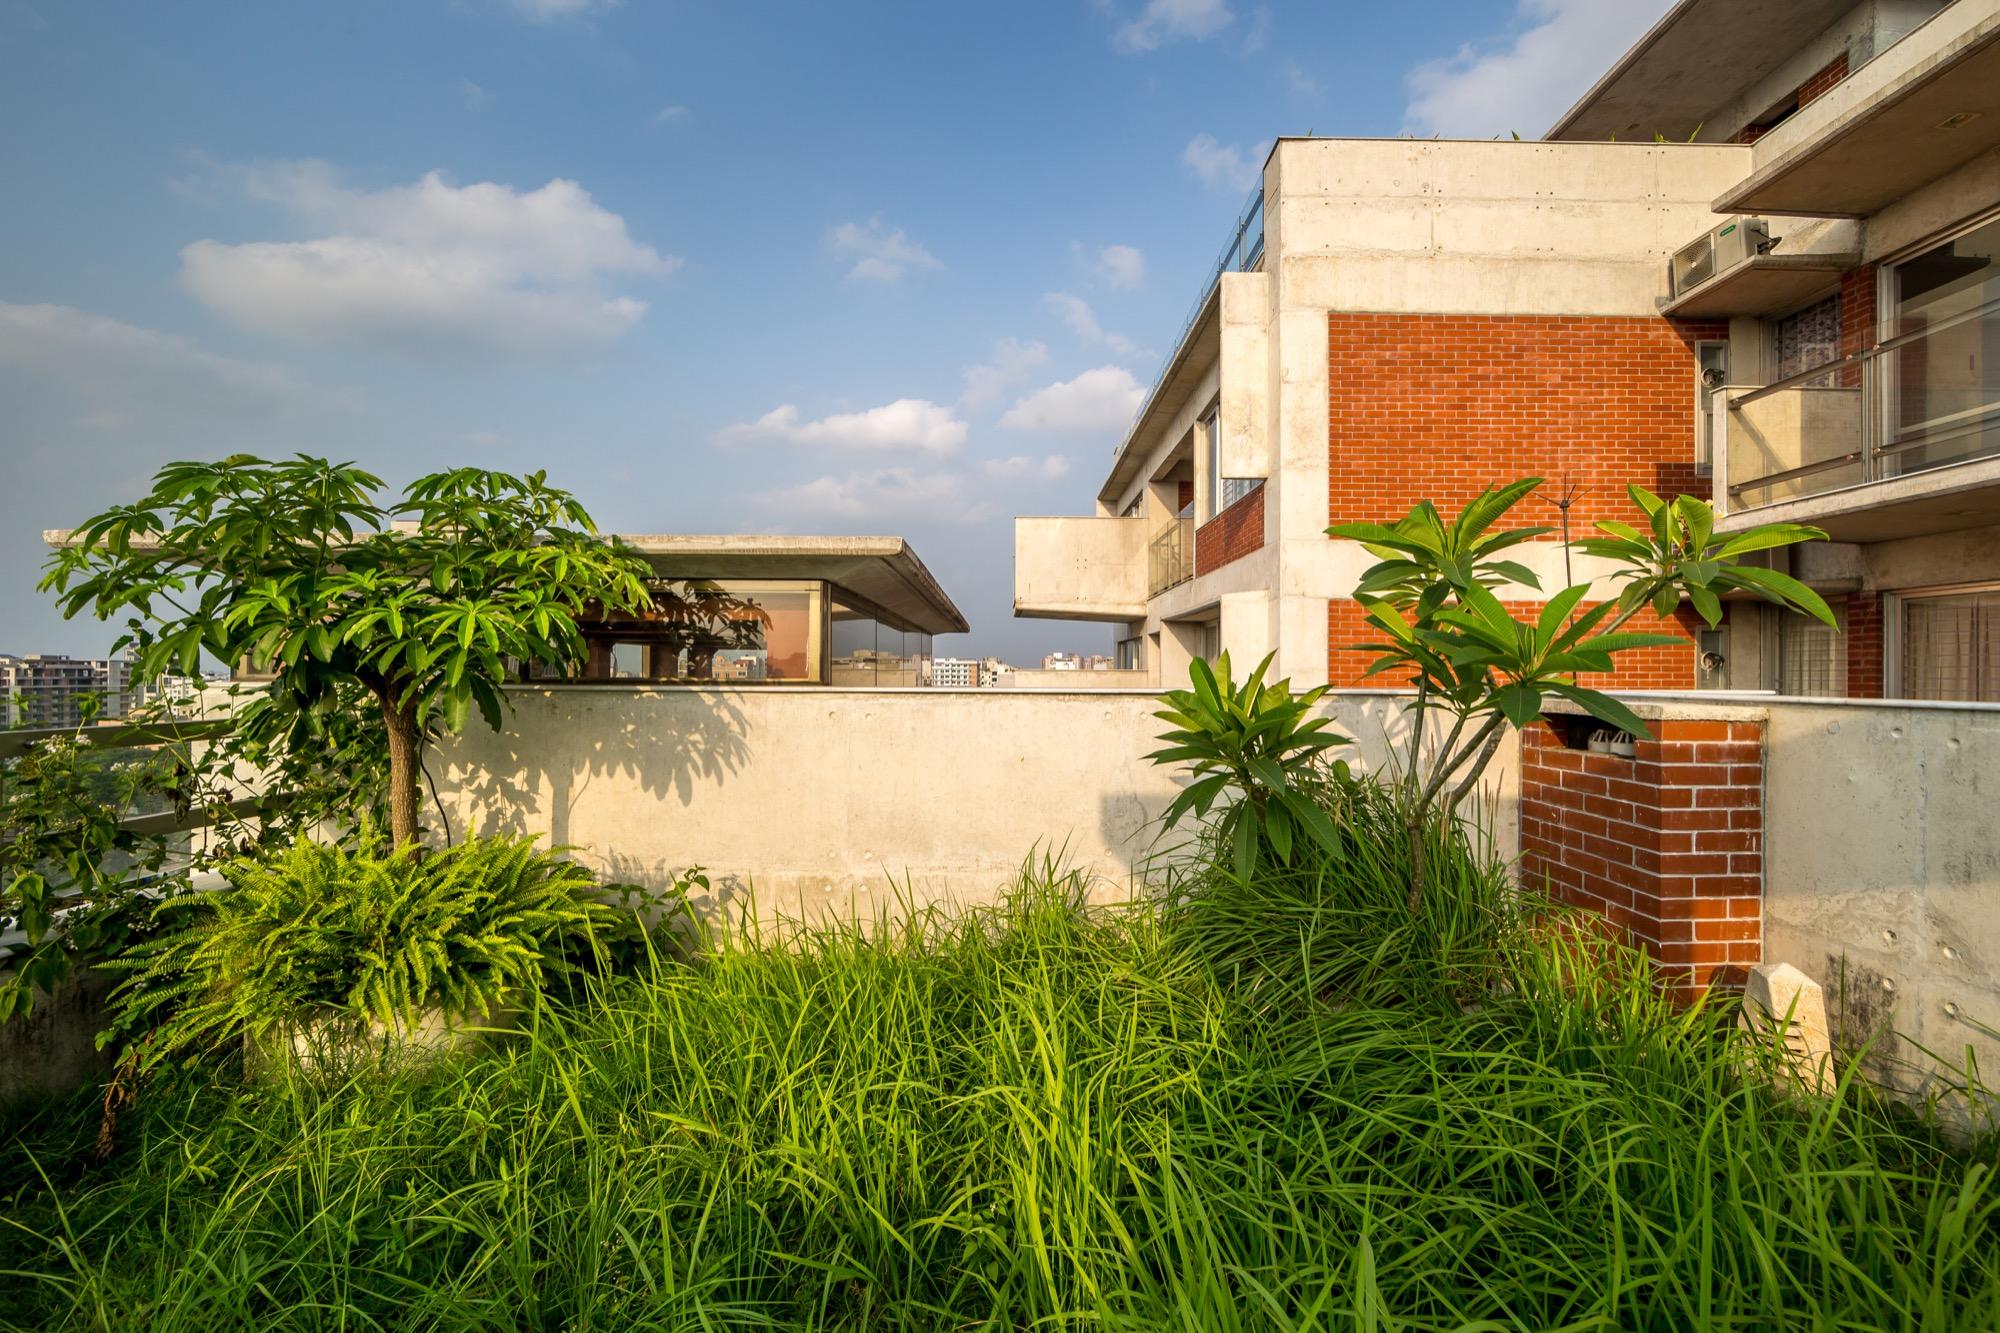 Residence by Shatotto - Rafiq Azam